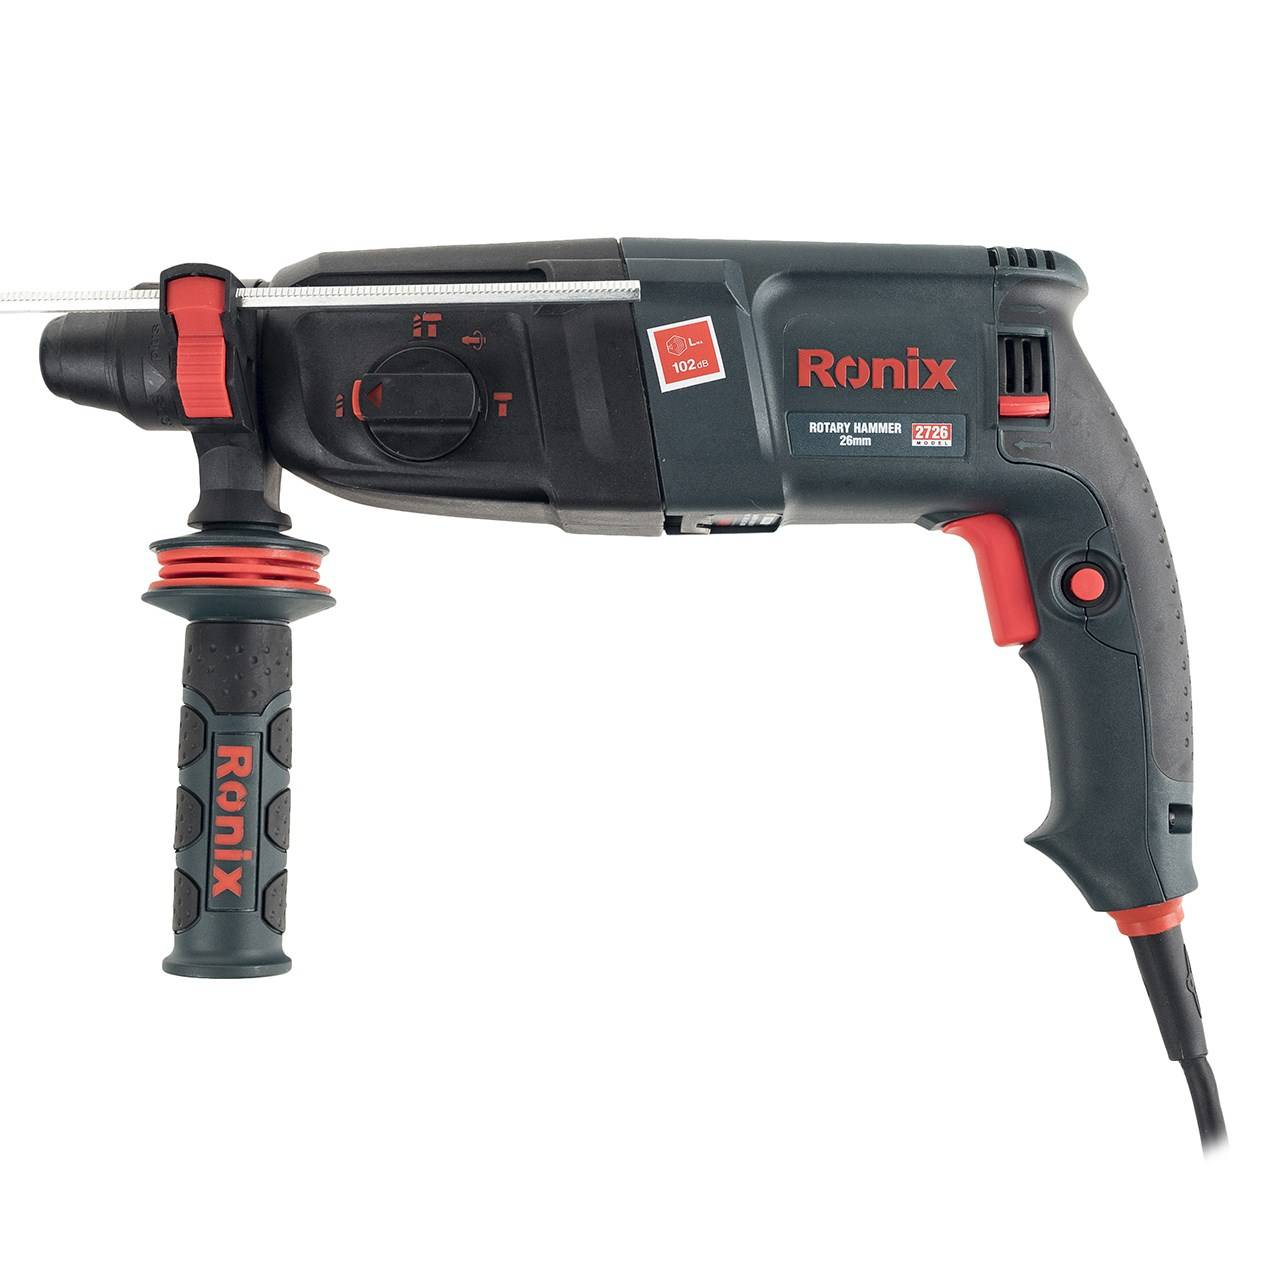 تصویر دریل بتن کن Ronix مدل 2726 Ronix concrete drill model 2726